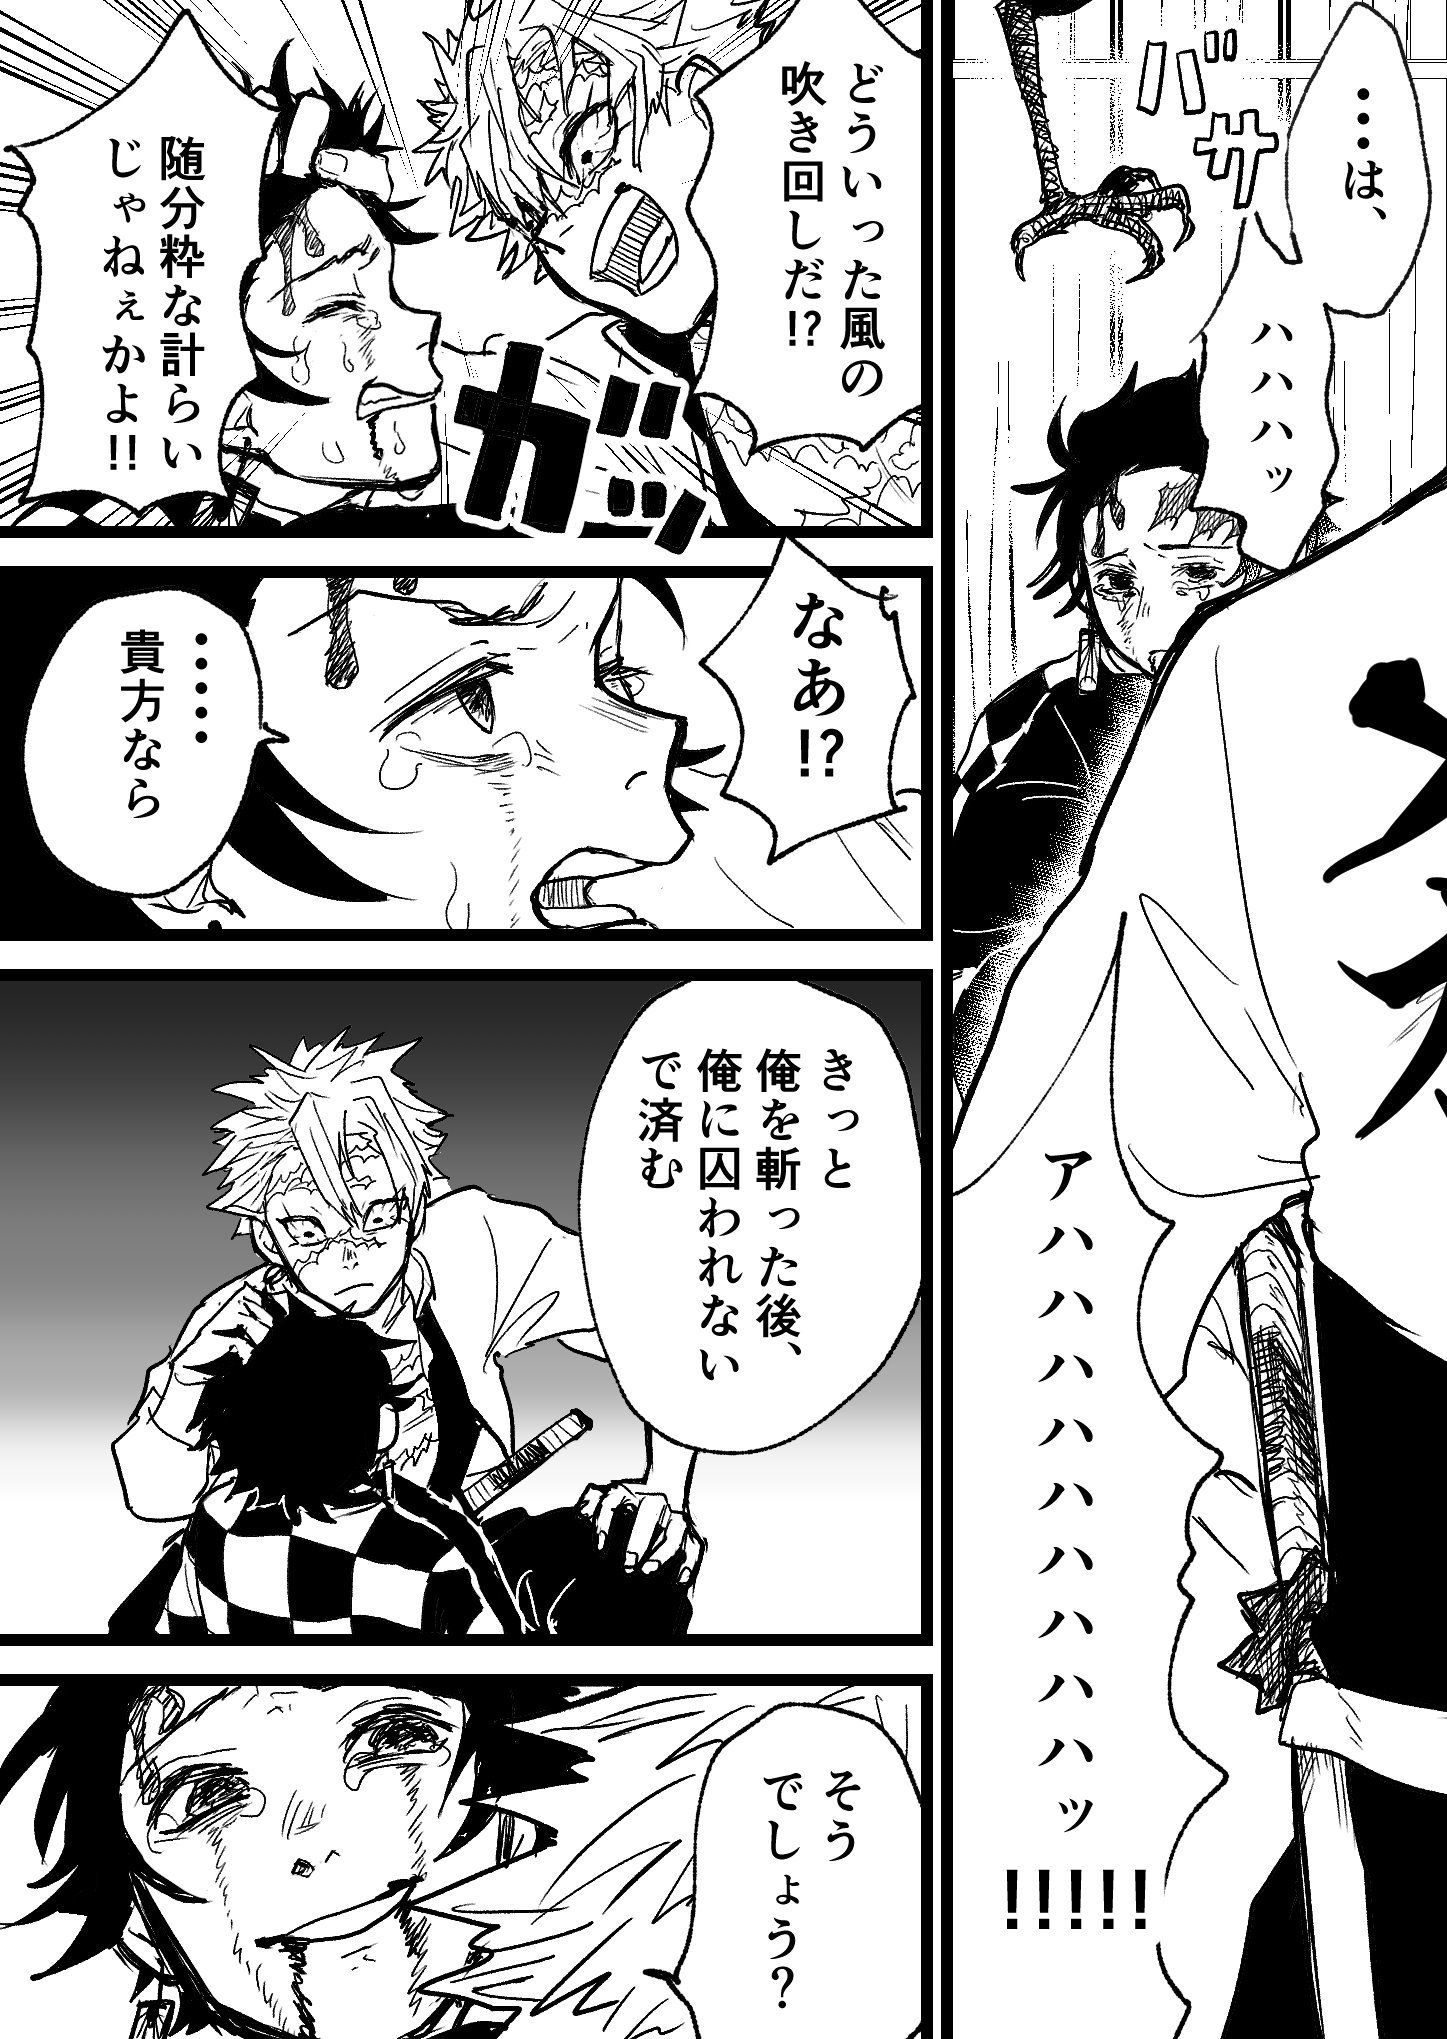 鬼 滅 の 刃 アニメ 続き 漫画